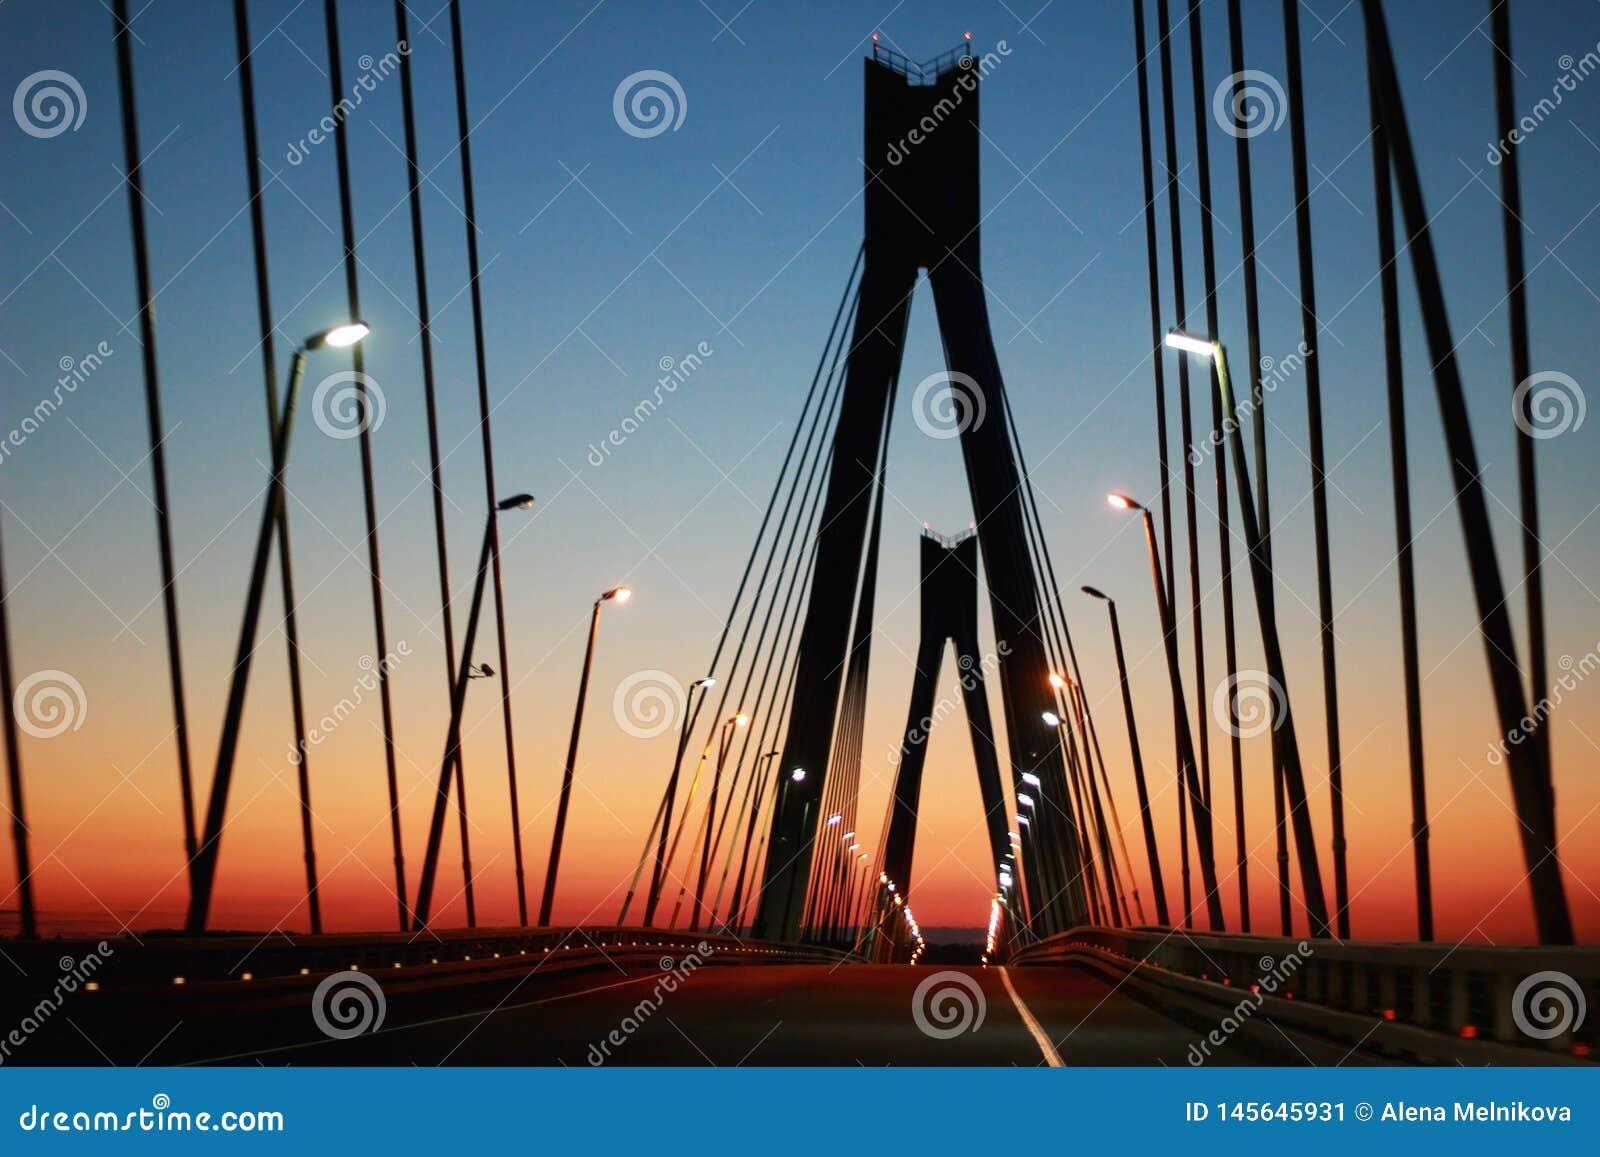 La silueta del puente contra el cielo de igualación